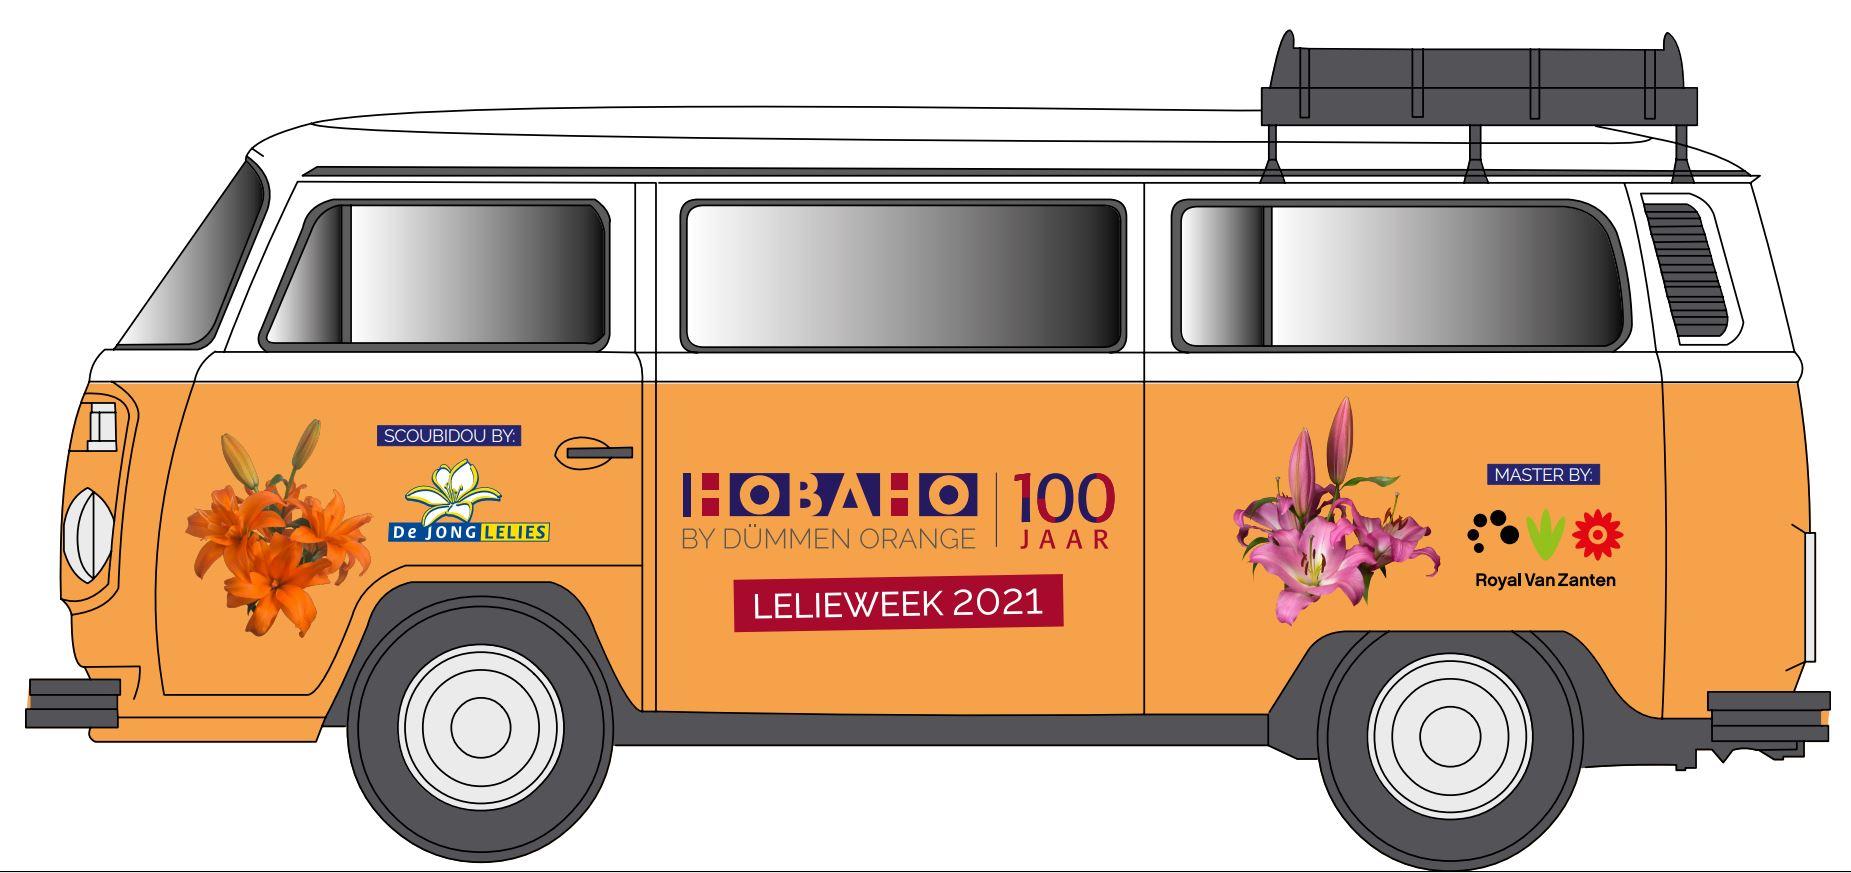 Hobaho lelieweek 'on tour'